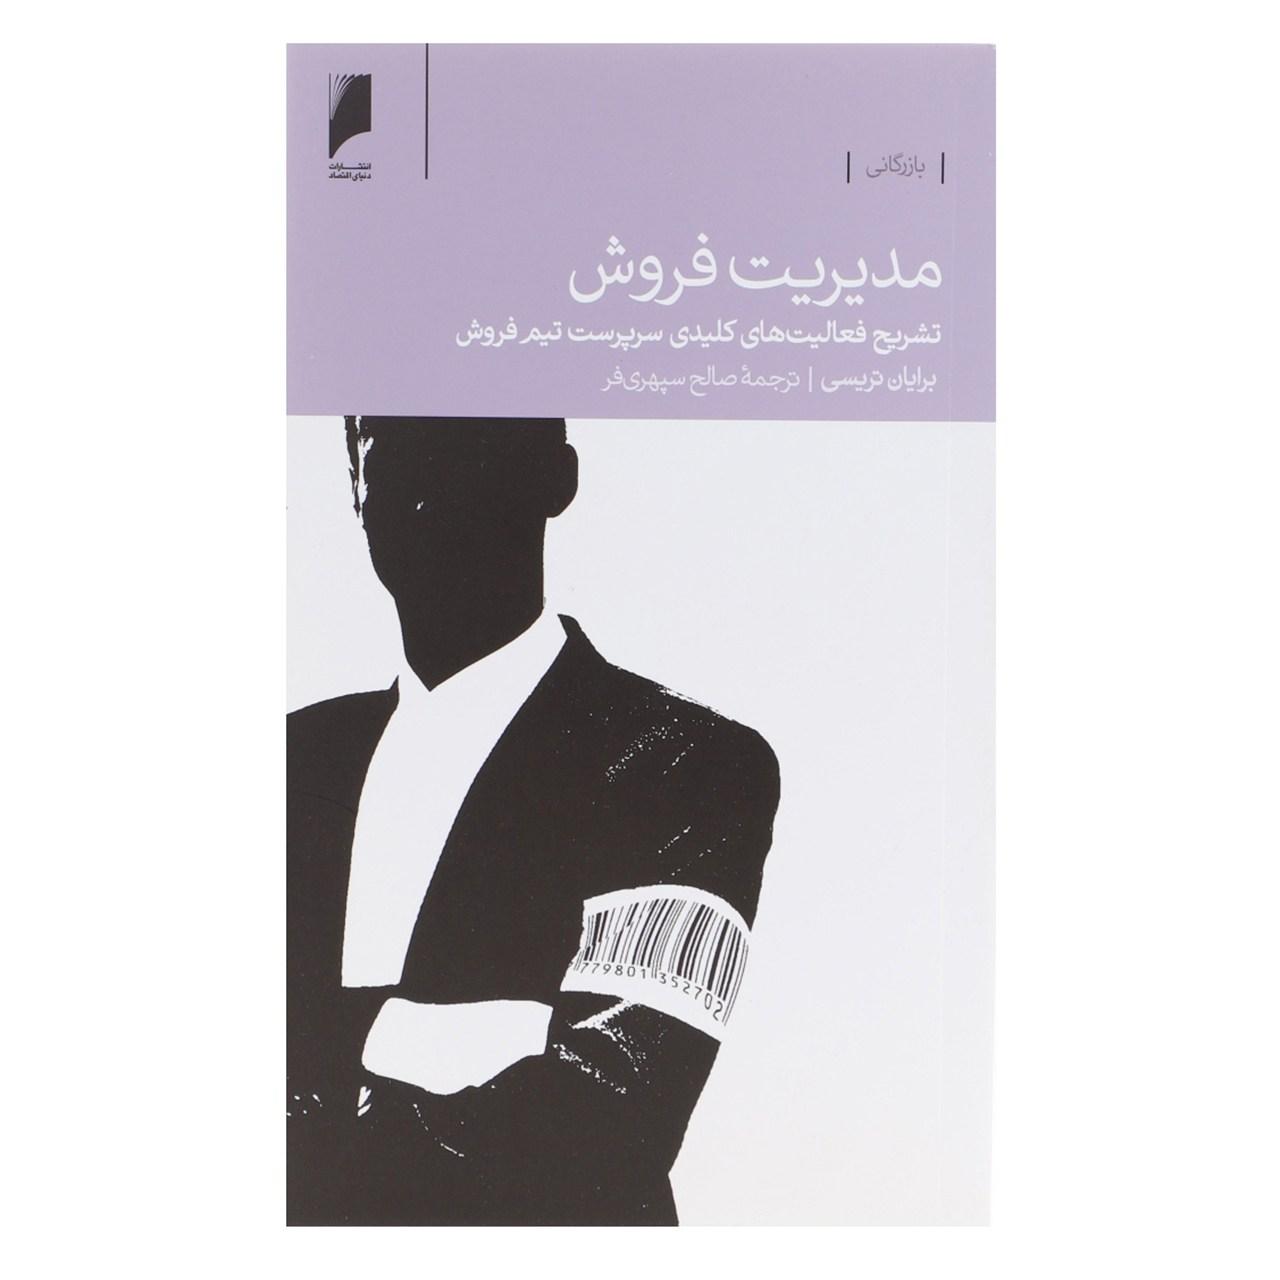 کتاب مدیریت فروش اثر برایان تریسی